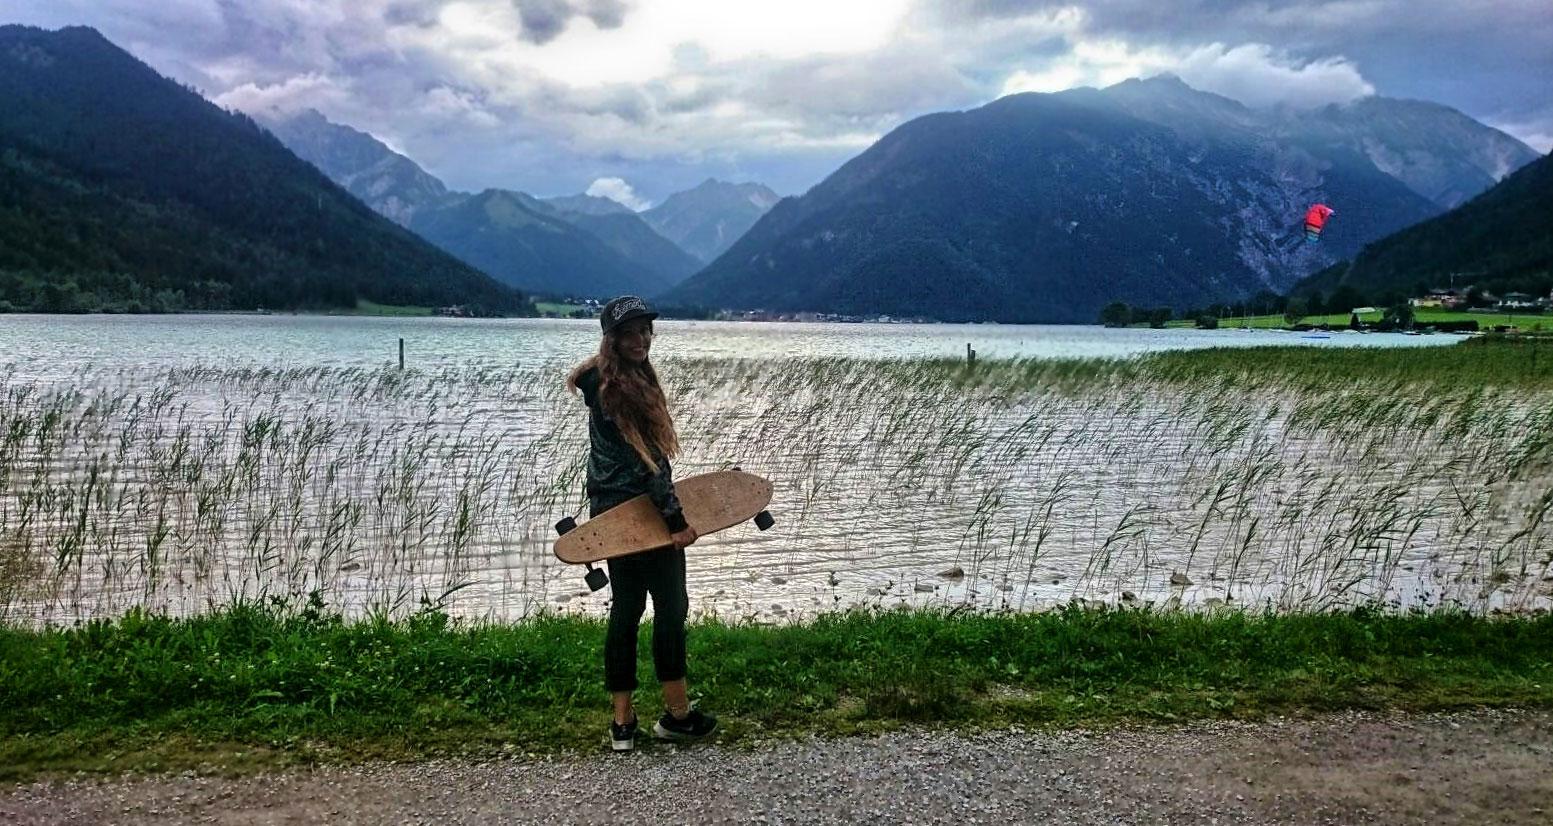 Marlene-Vey-munichmountaingirls-Achensee-Skateboard